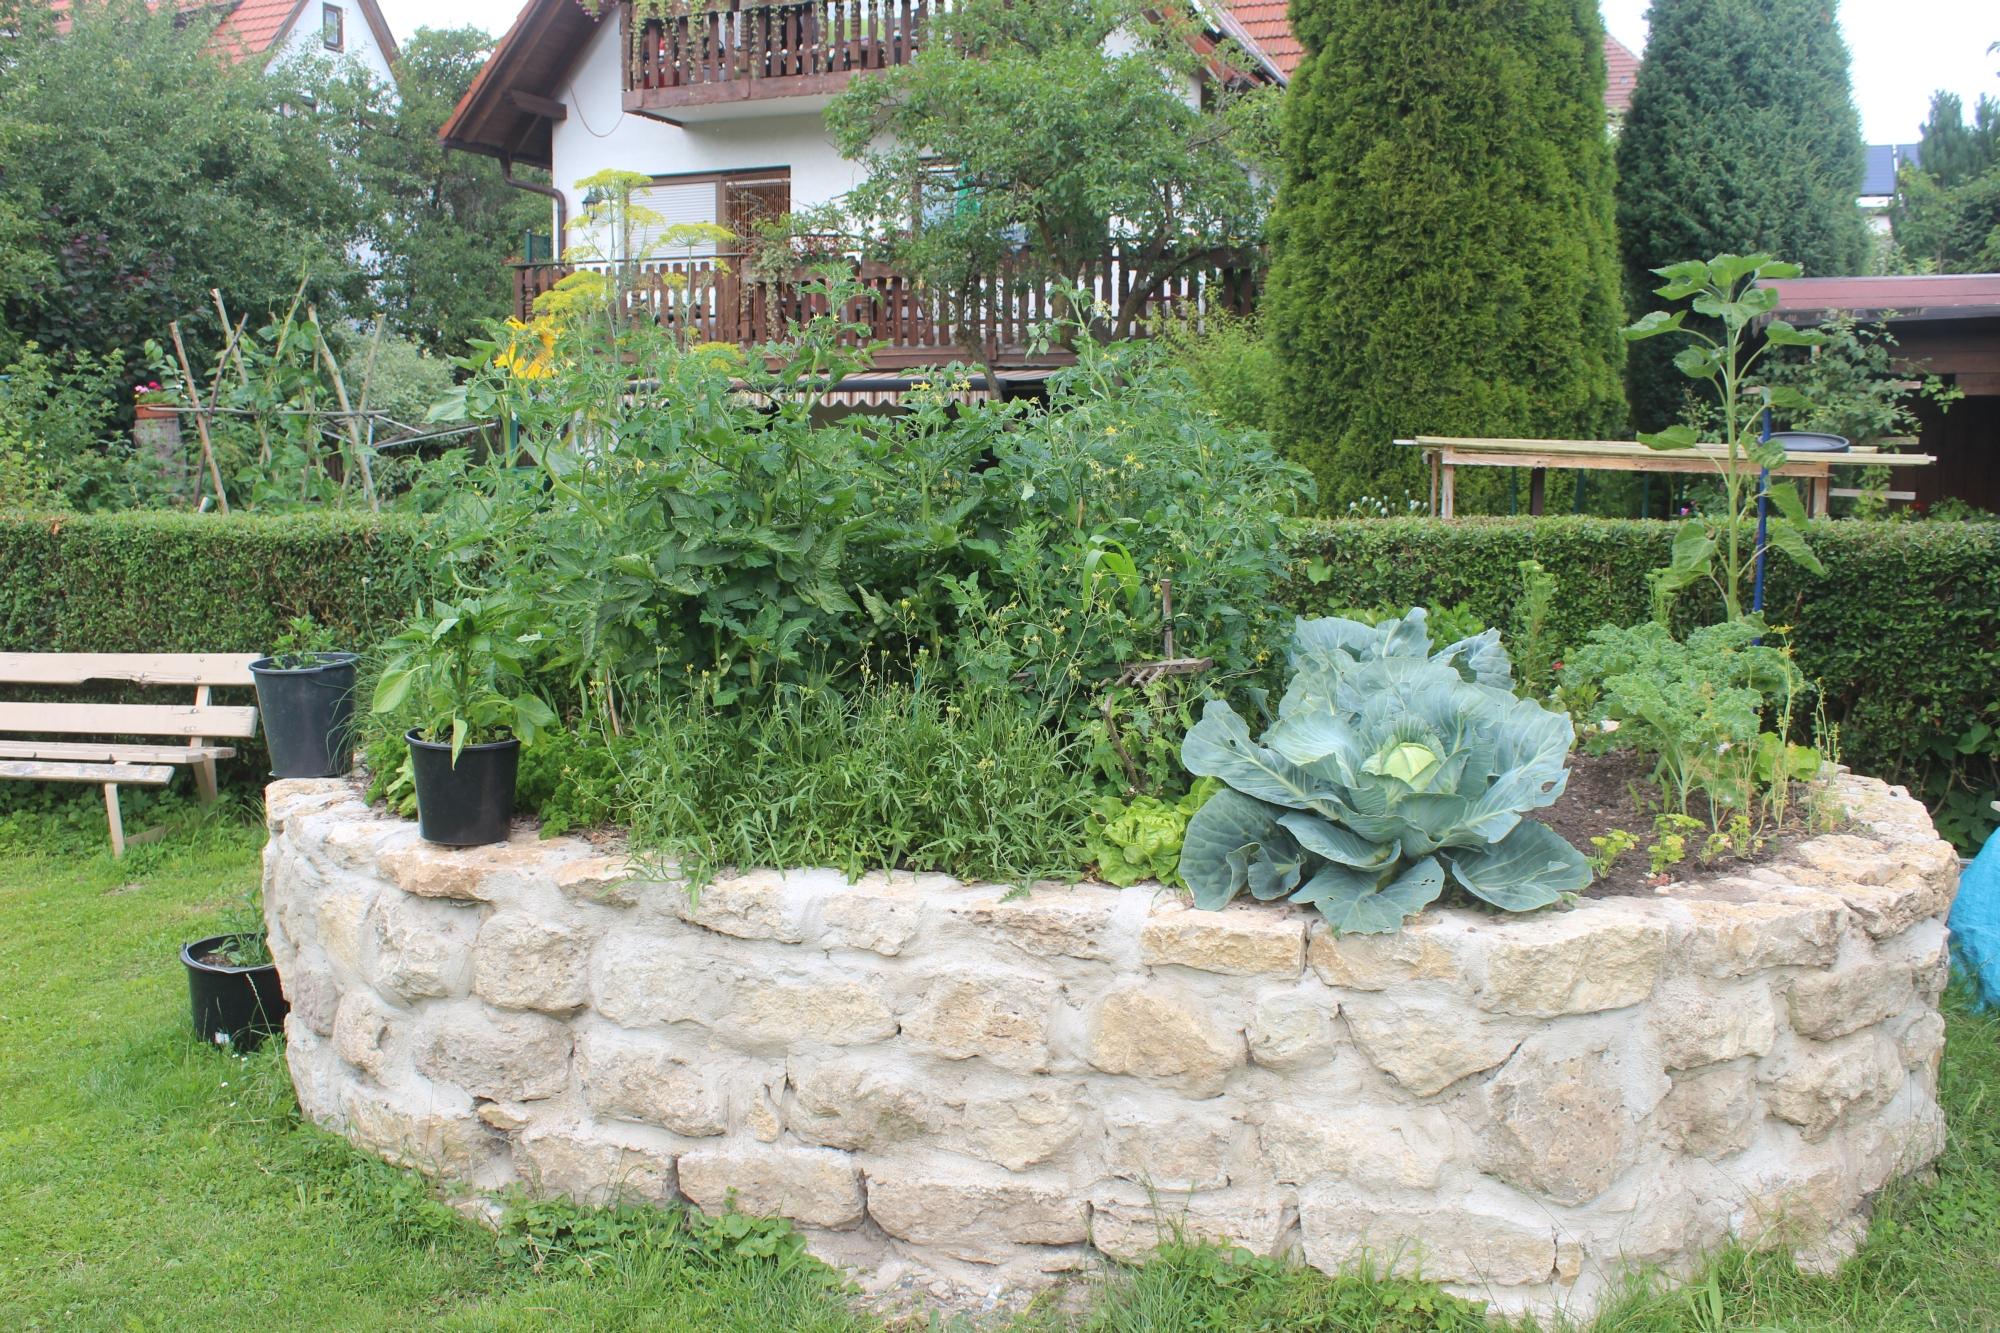 Wohnzimmerz Hochbeet Aus Stein With Sta Tzmauer Im Garten Zum